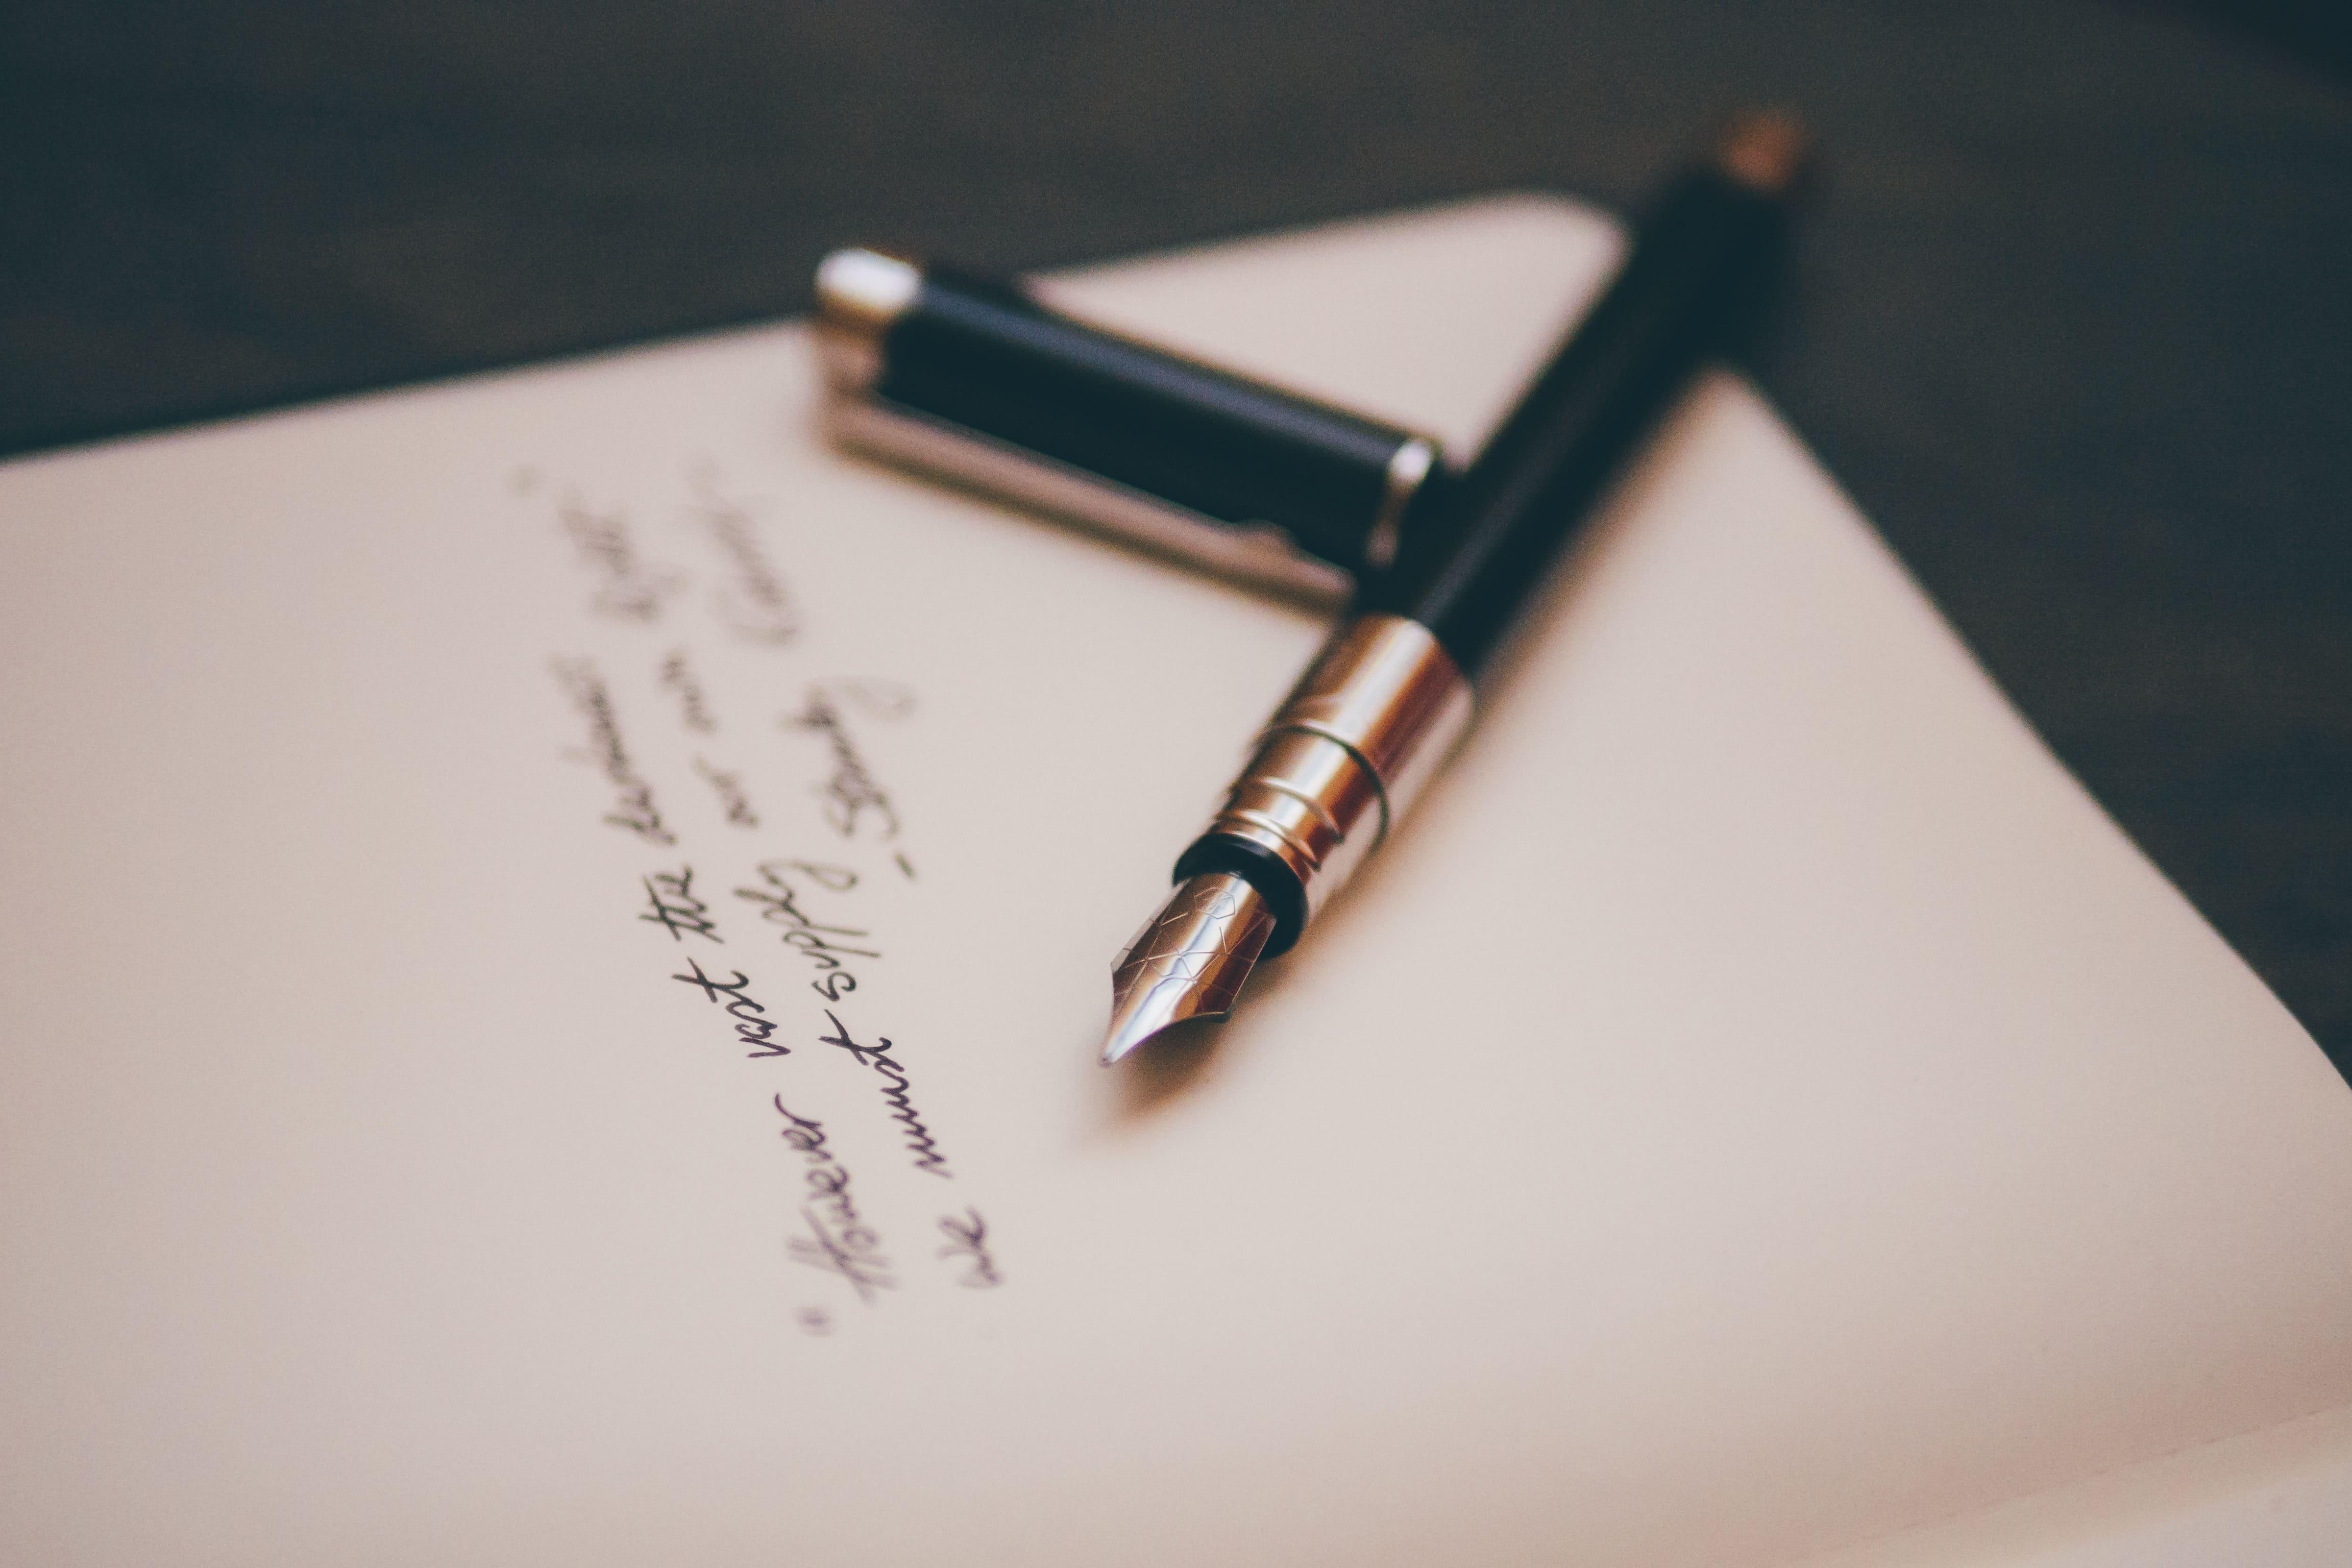 Poesía o reinvención: cómo evolucionar al género literario 2.0